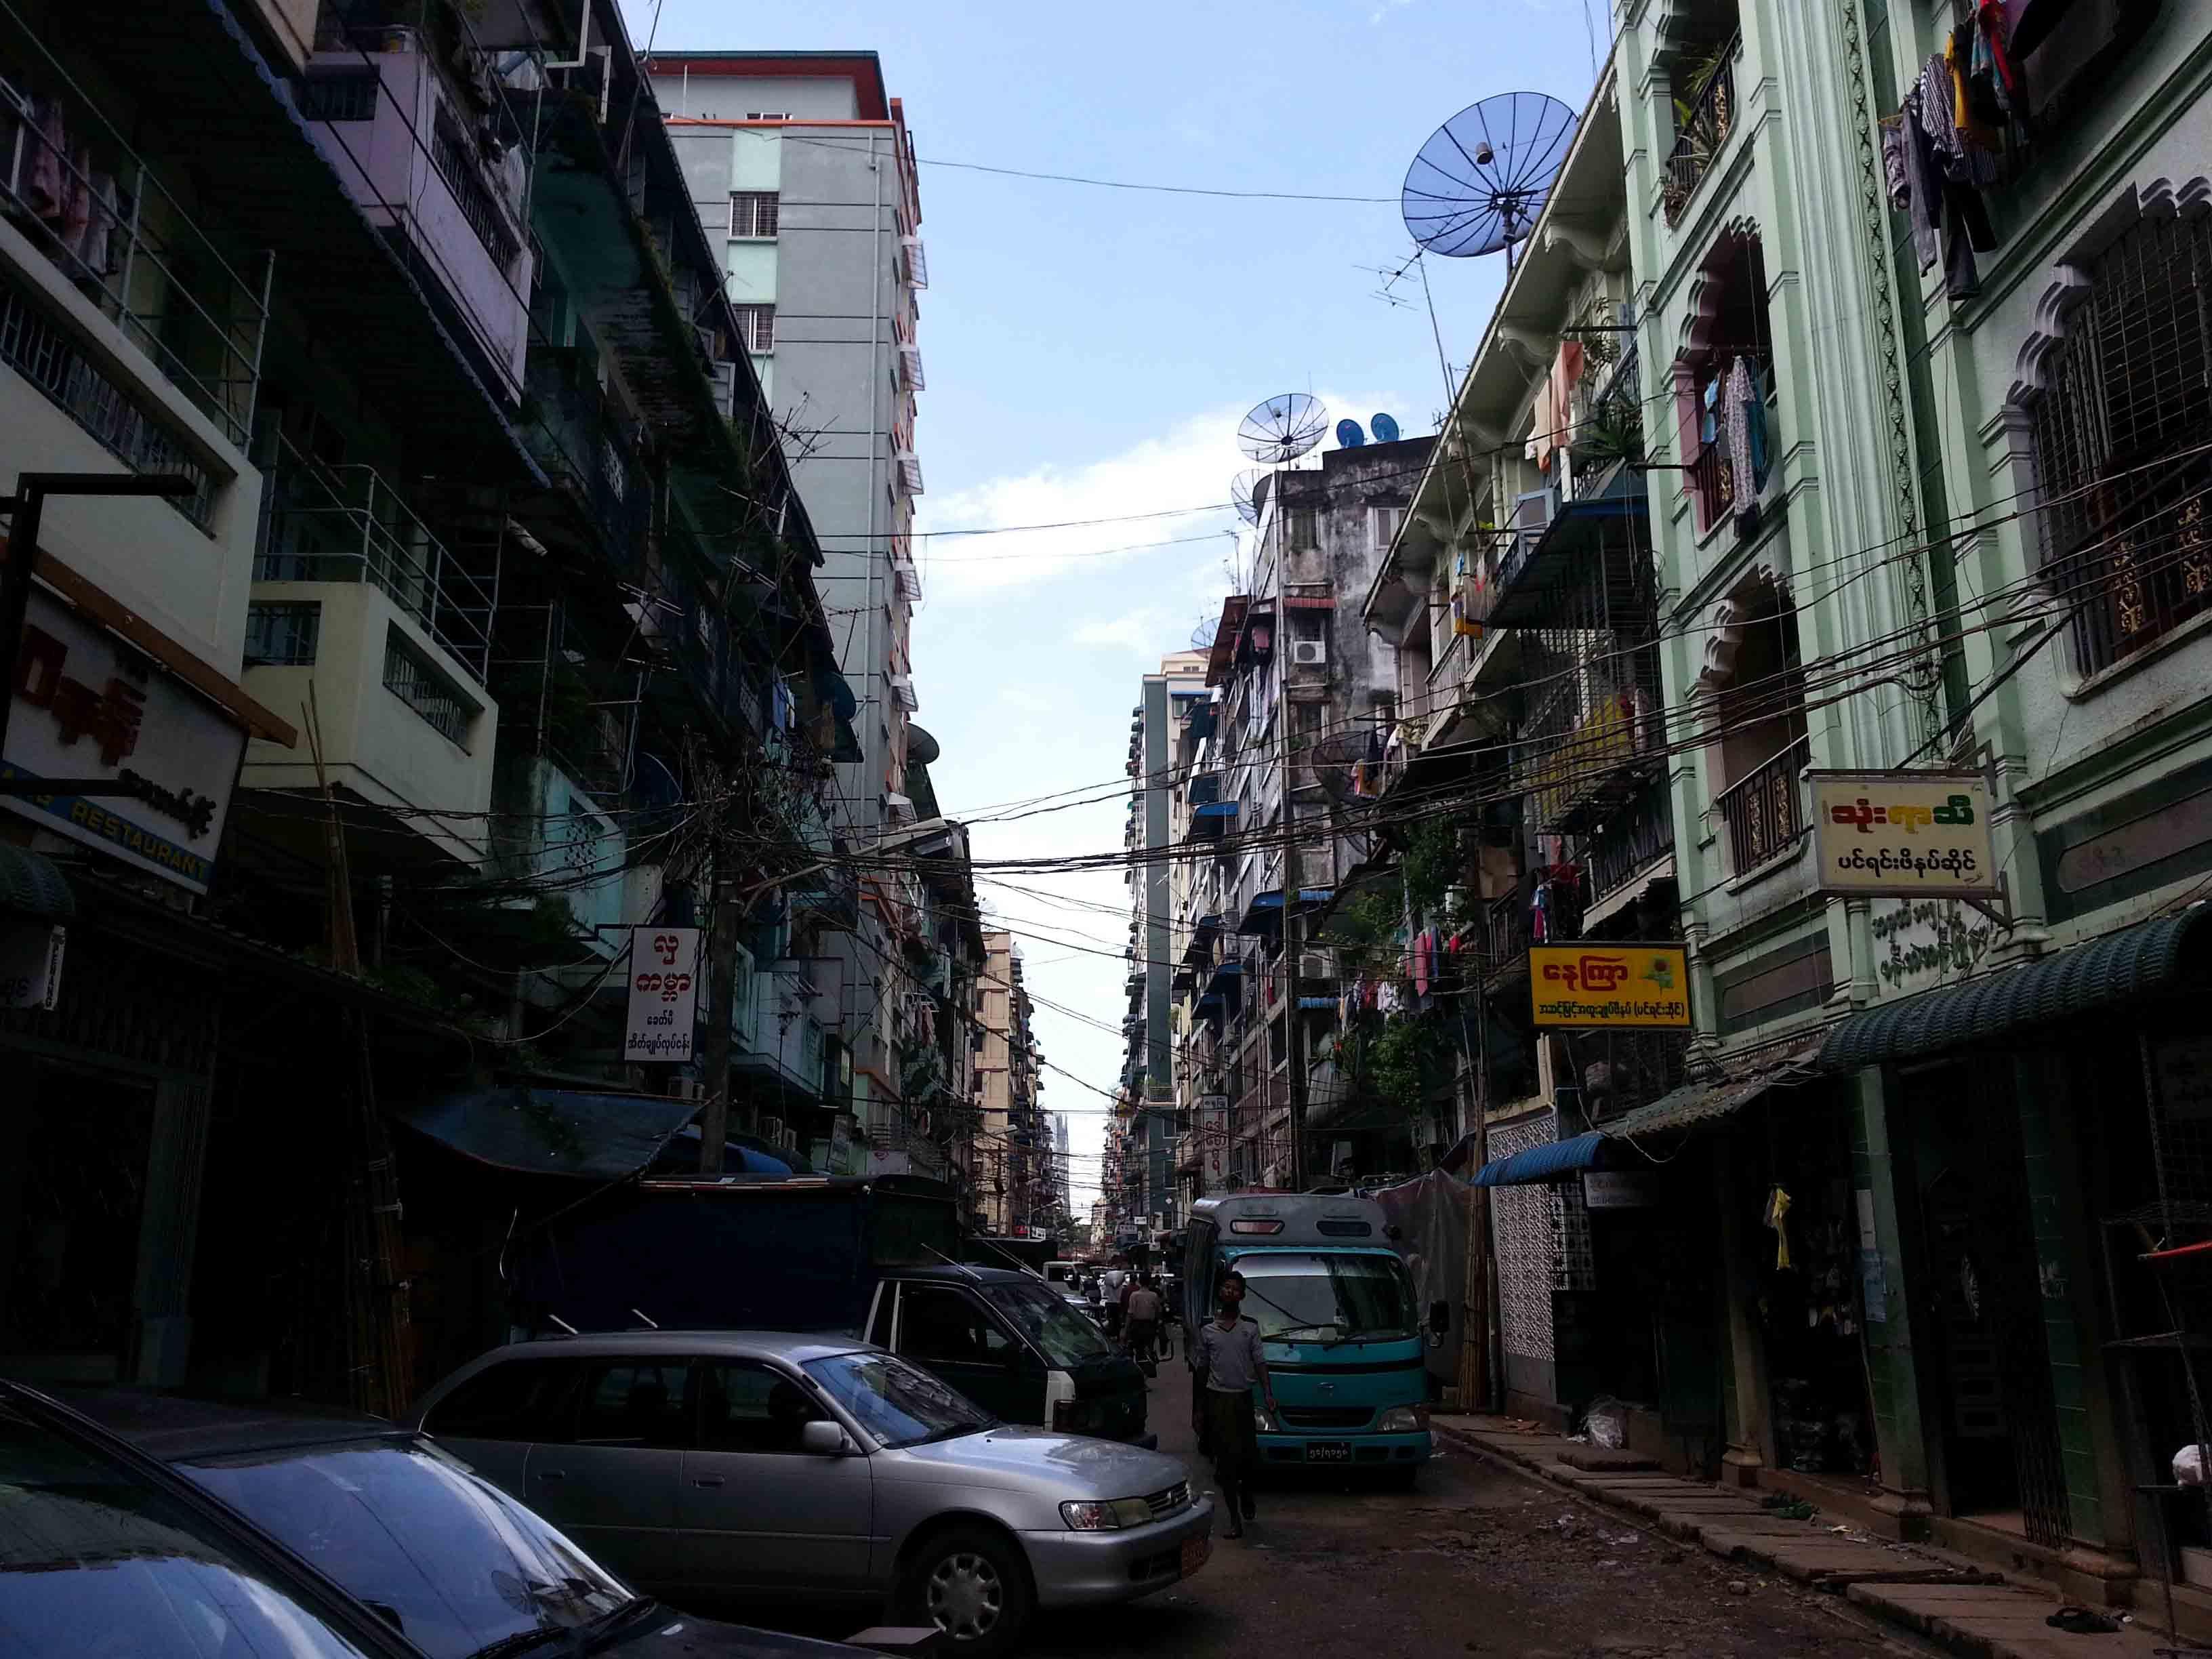 45 Yangon Myanmar Part 1 The Kel Logs